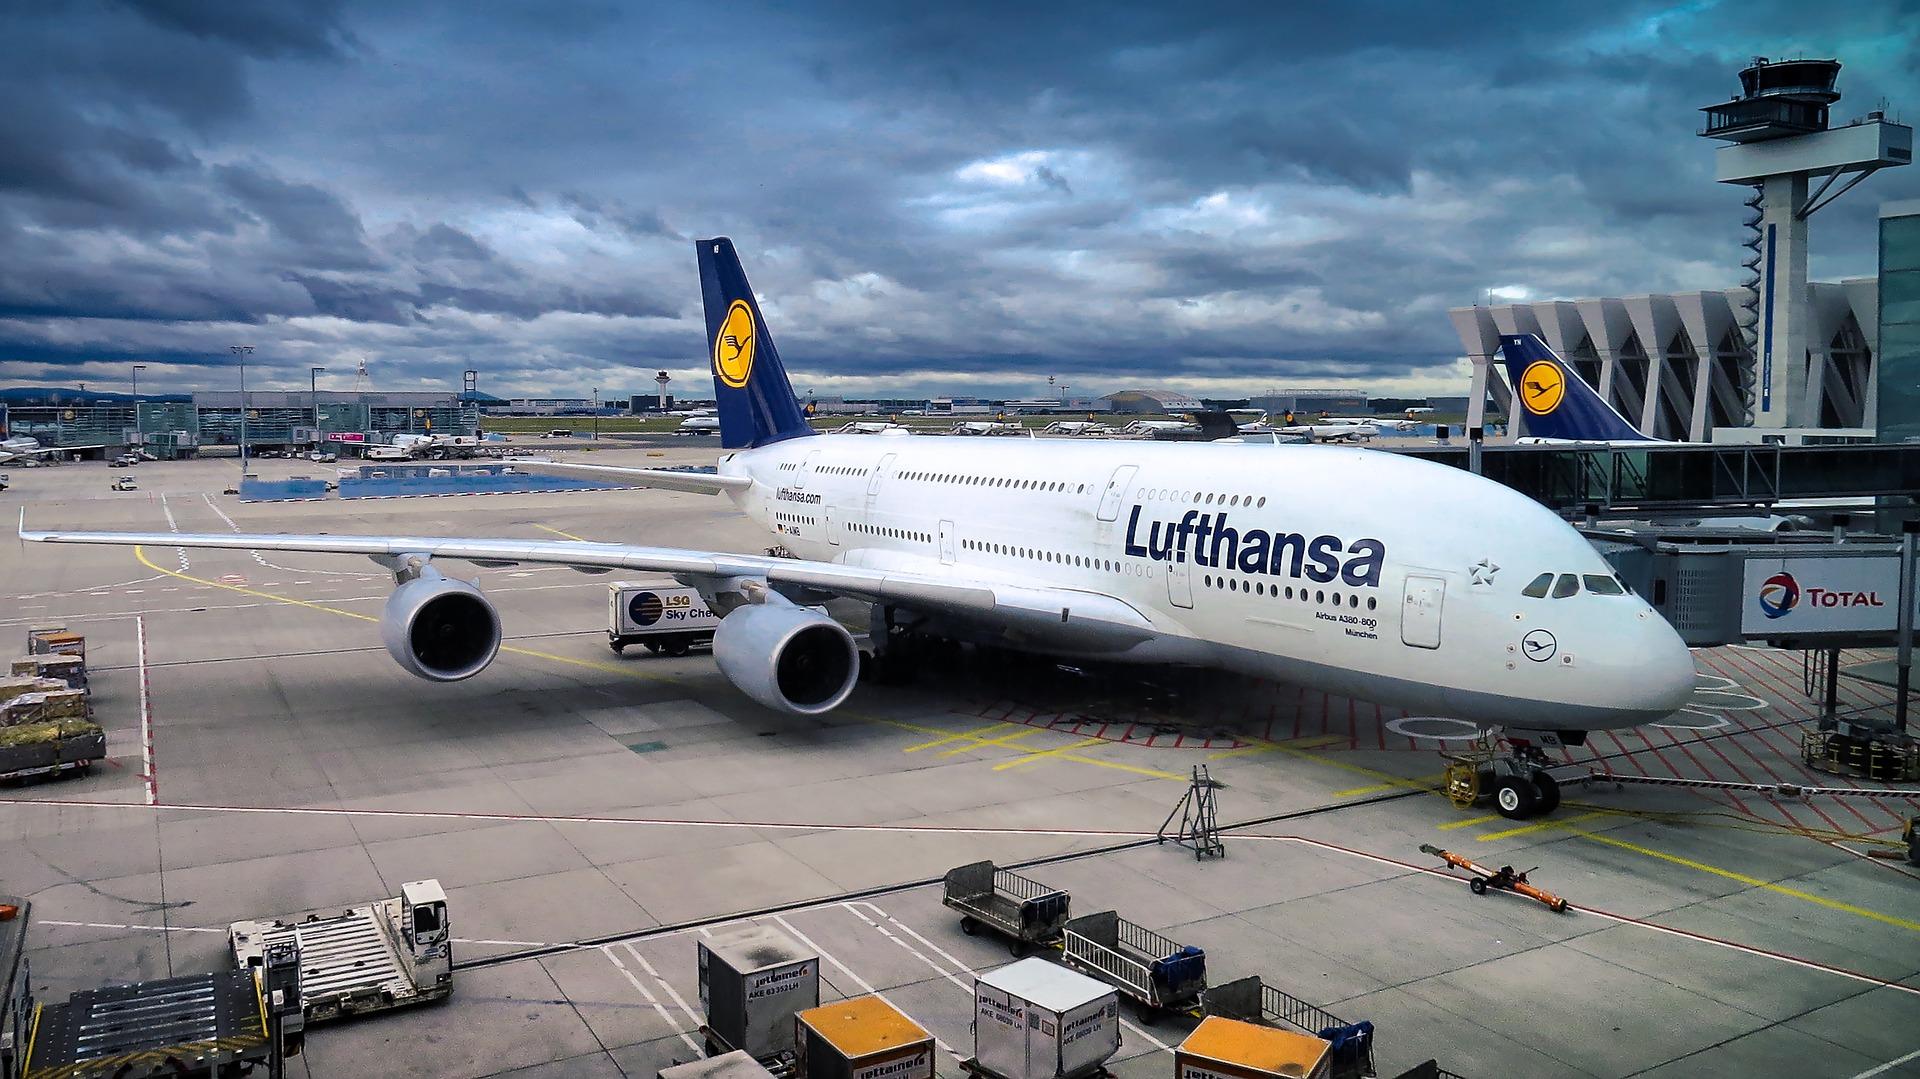 Lufthansa A380 at gate